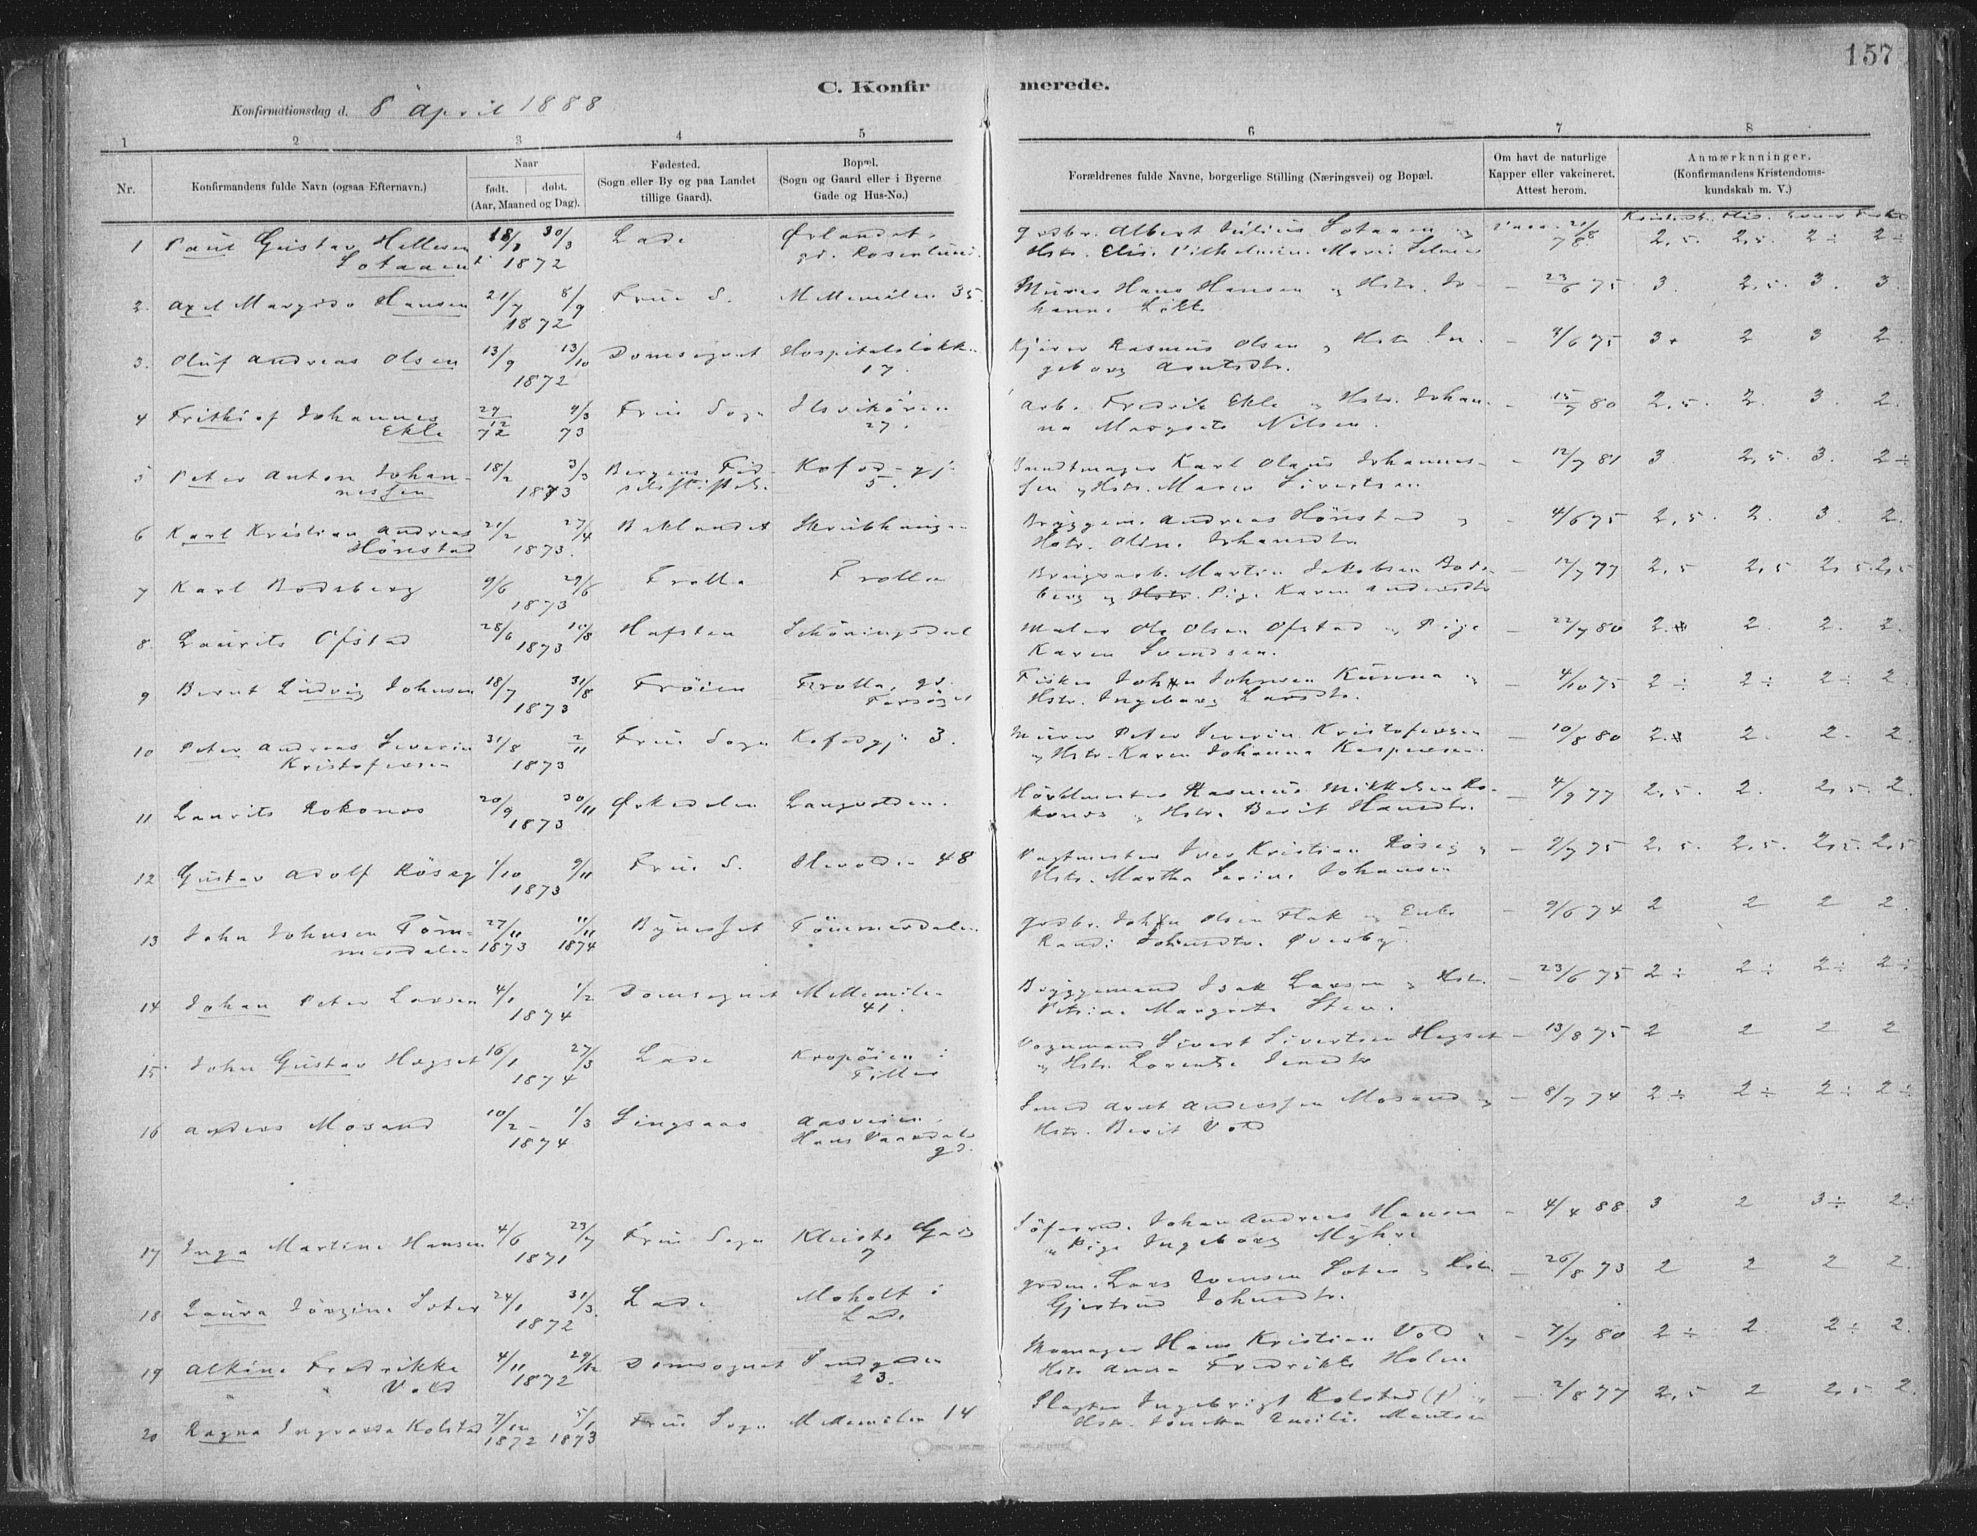 SAT, Ministerialprotokoller, klokkerbøker og fødselsregistre - Sør-Trøndelag, 603/L0162: Ministerialbok nr. 603A01, 1879-1895, s. 157